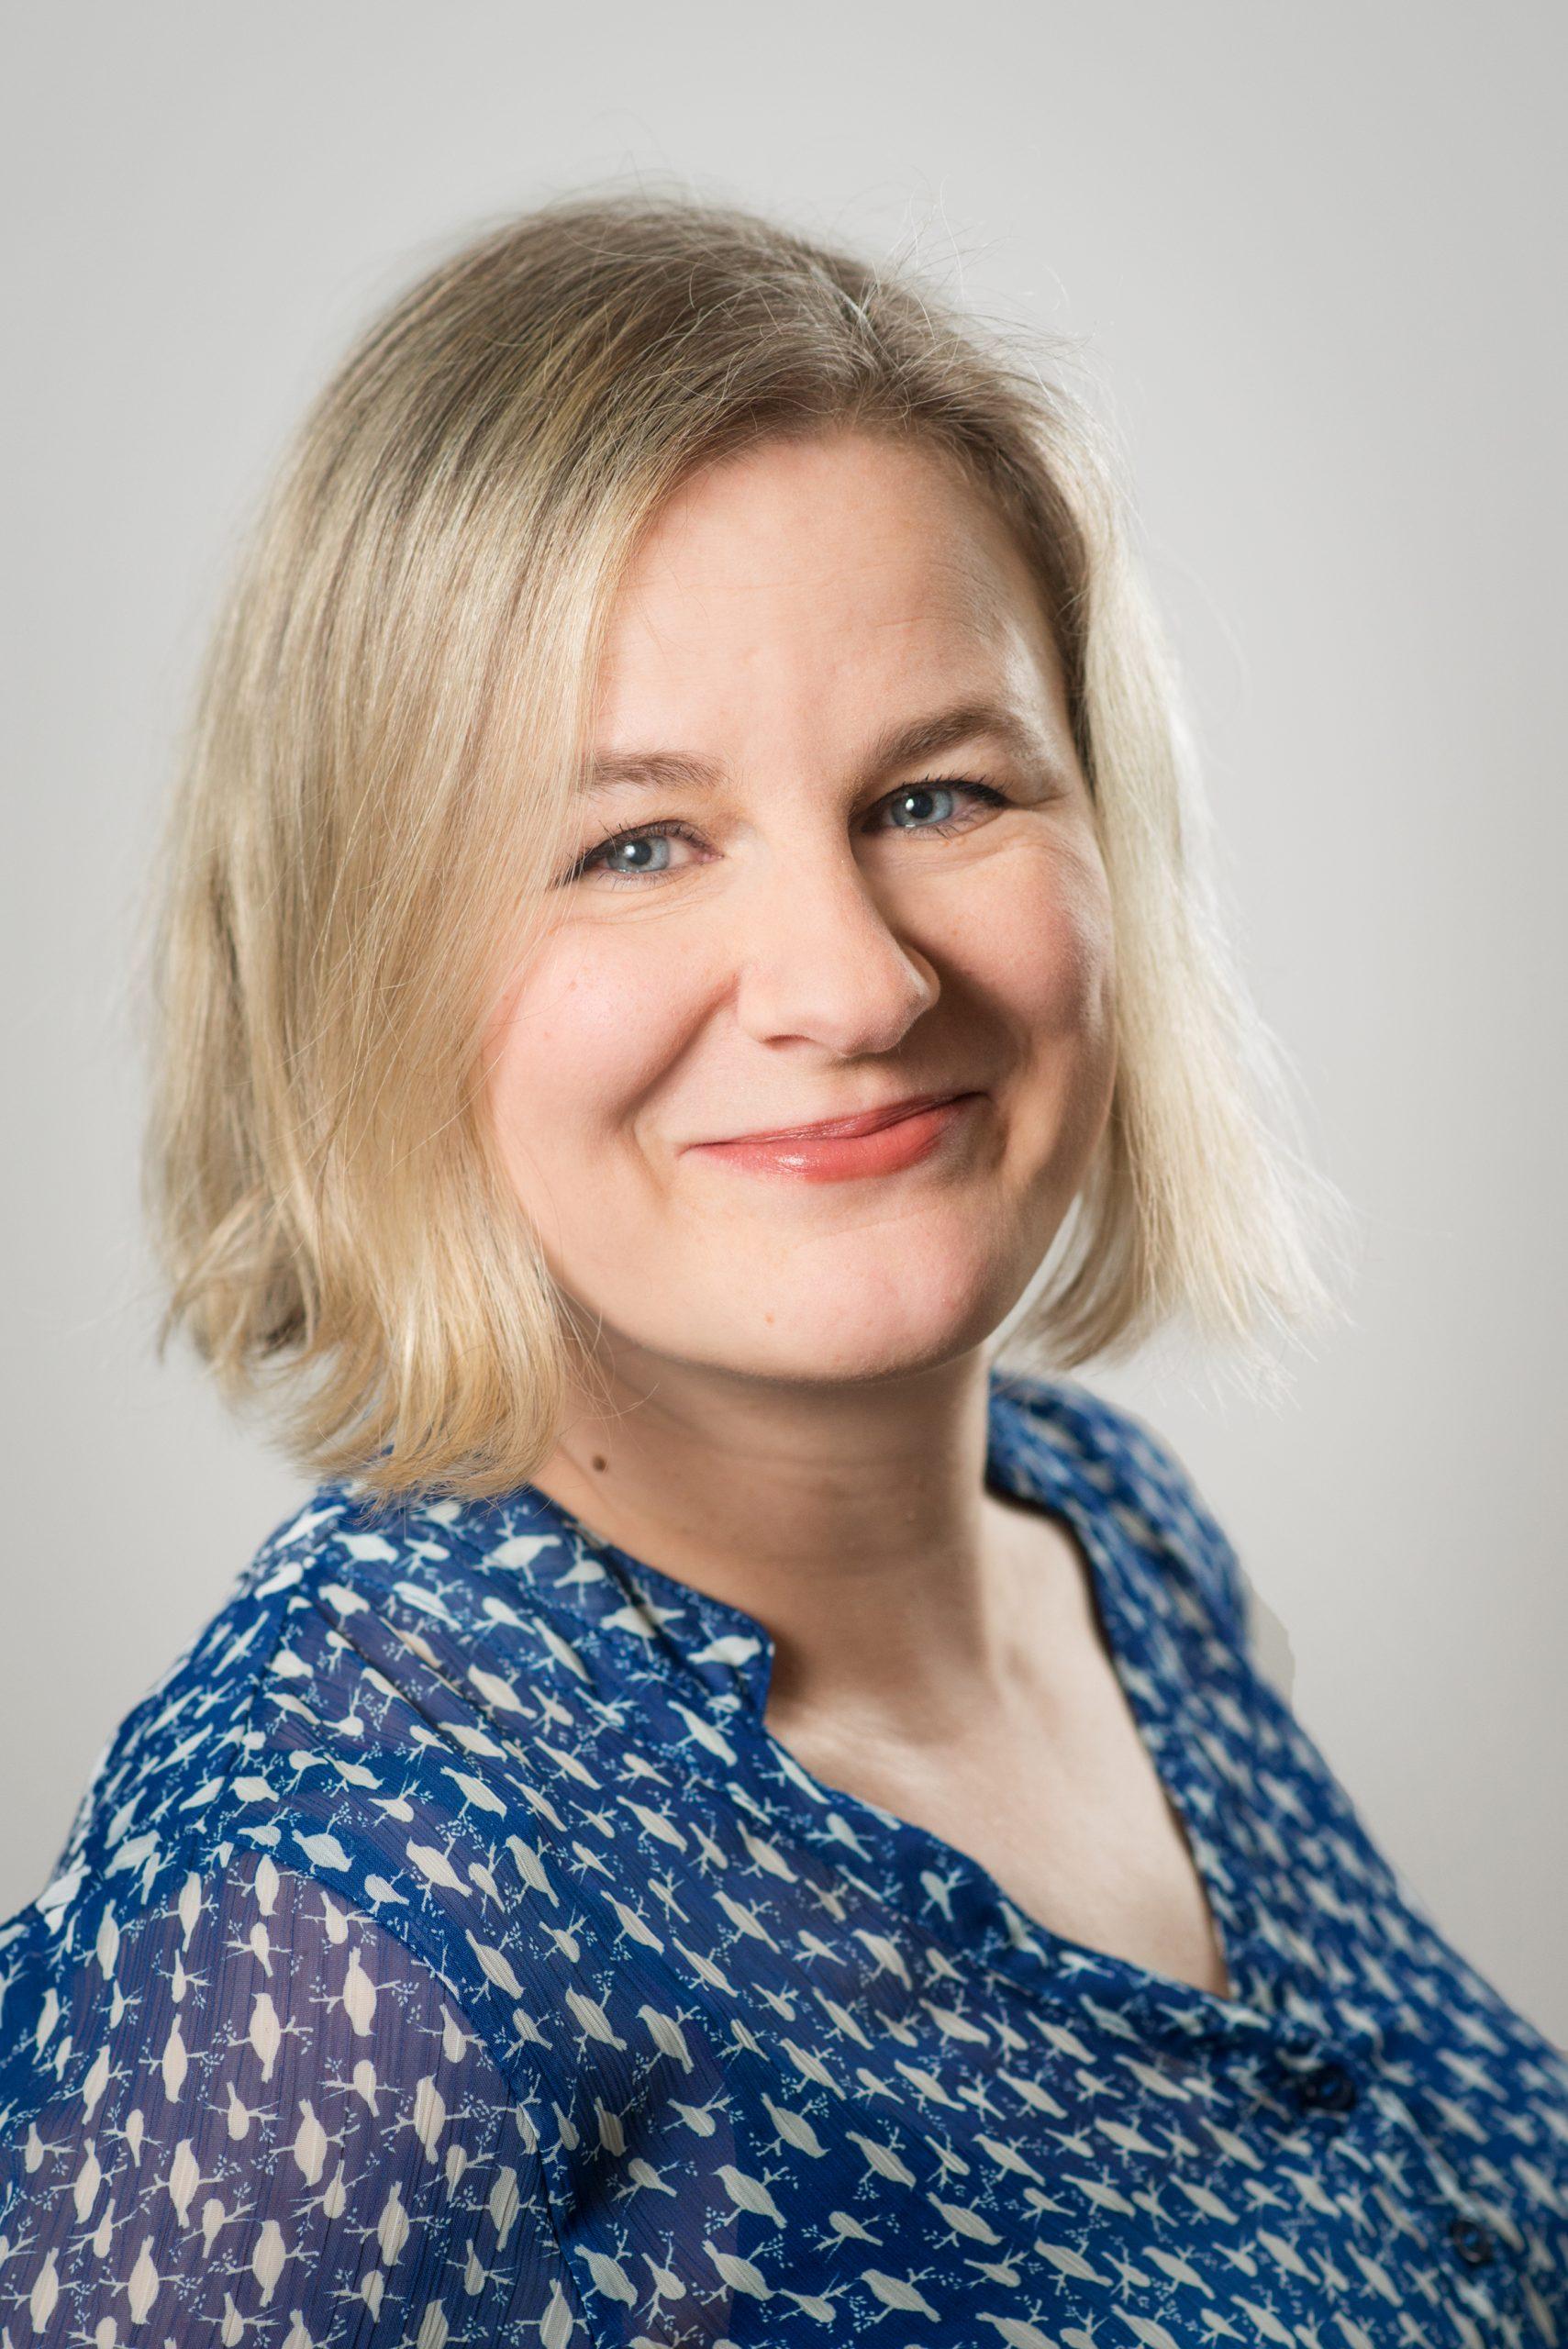 Laura Lipsanen